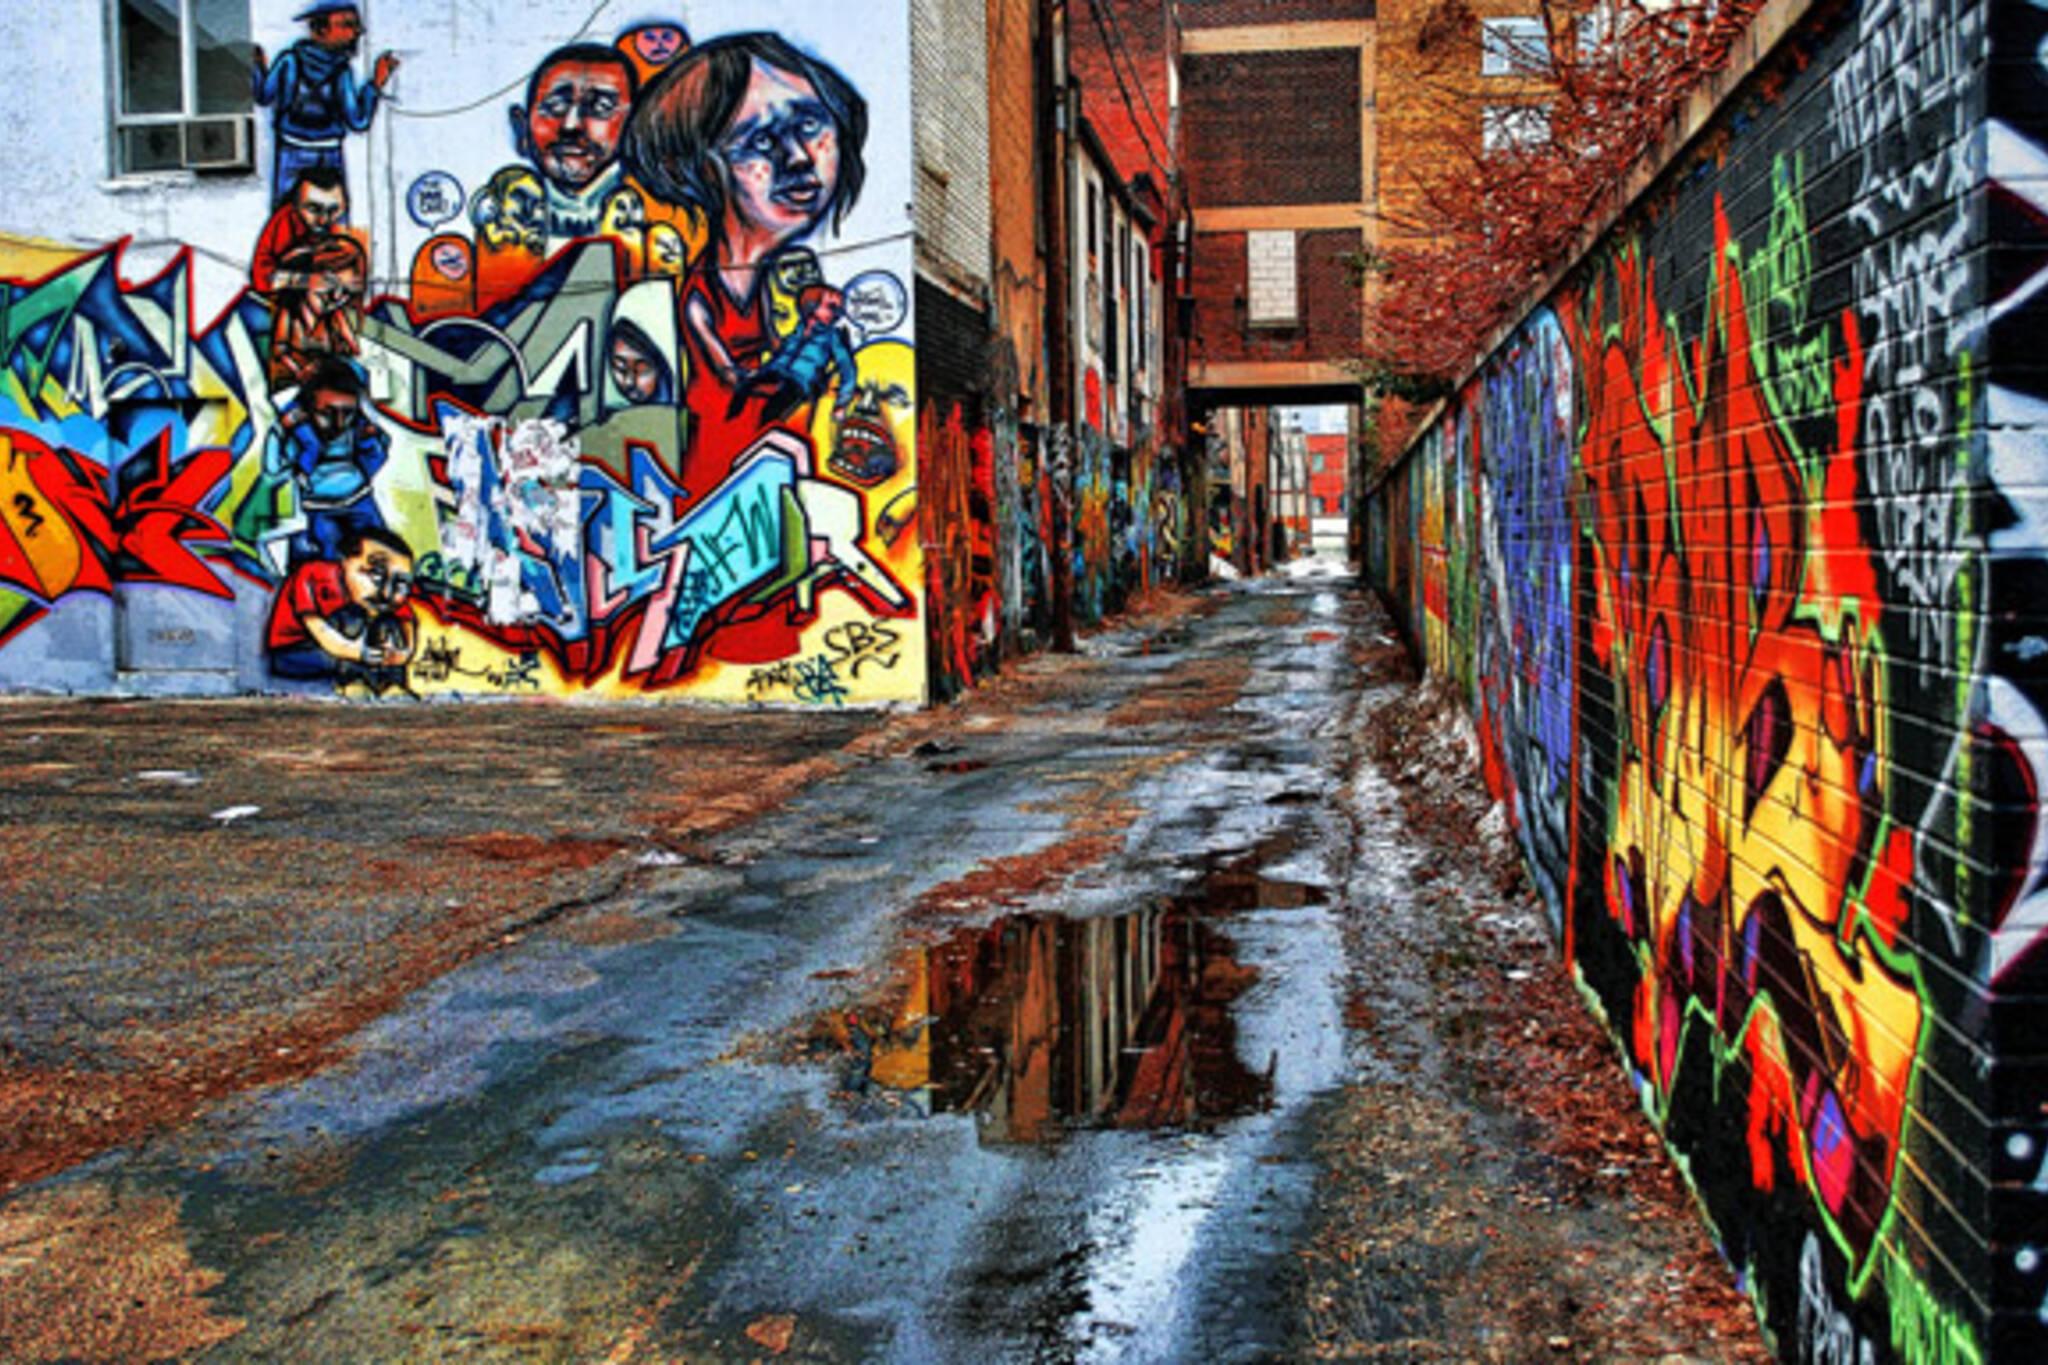 Graffiti wall toronto downtown - Graffiti Alley Toronto